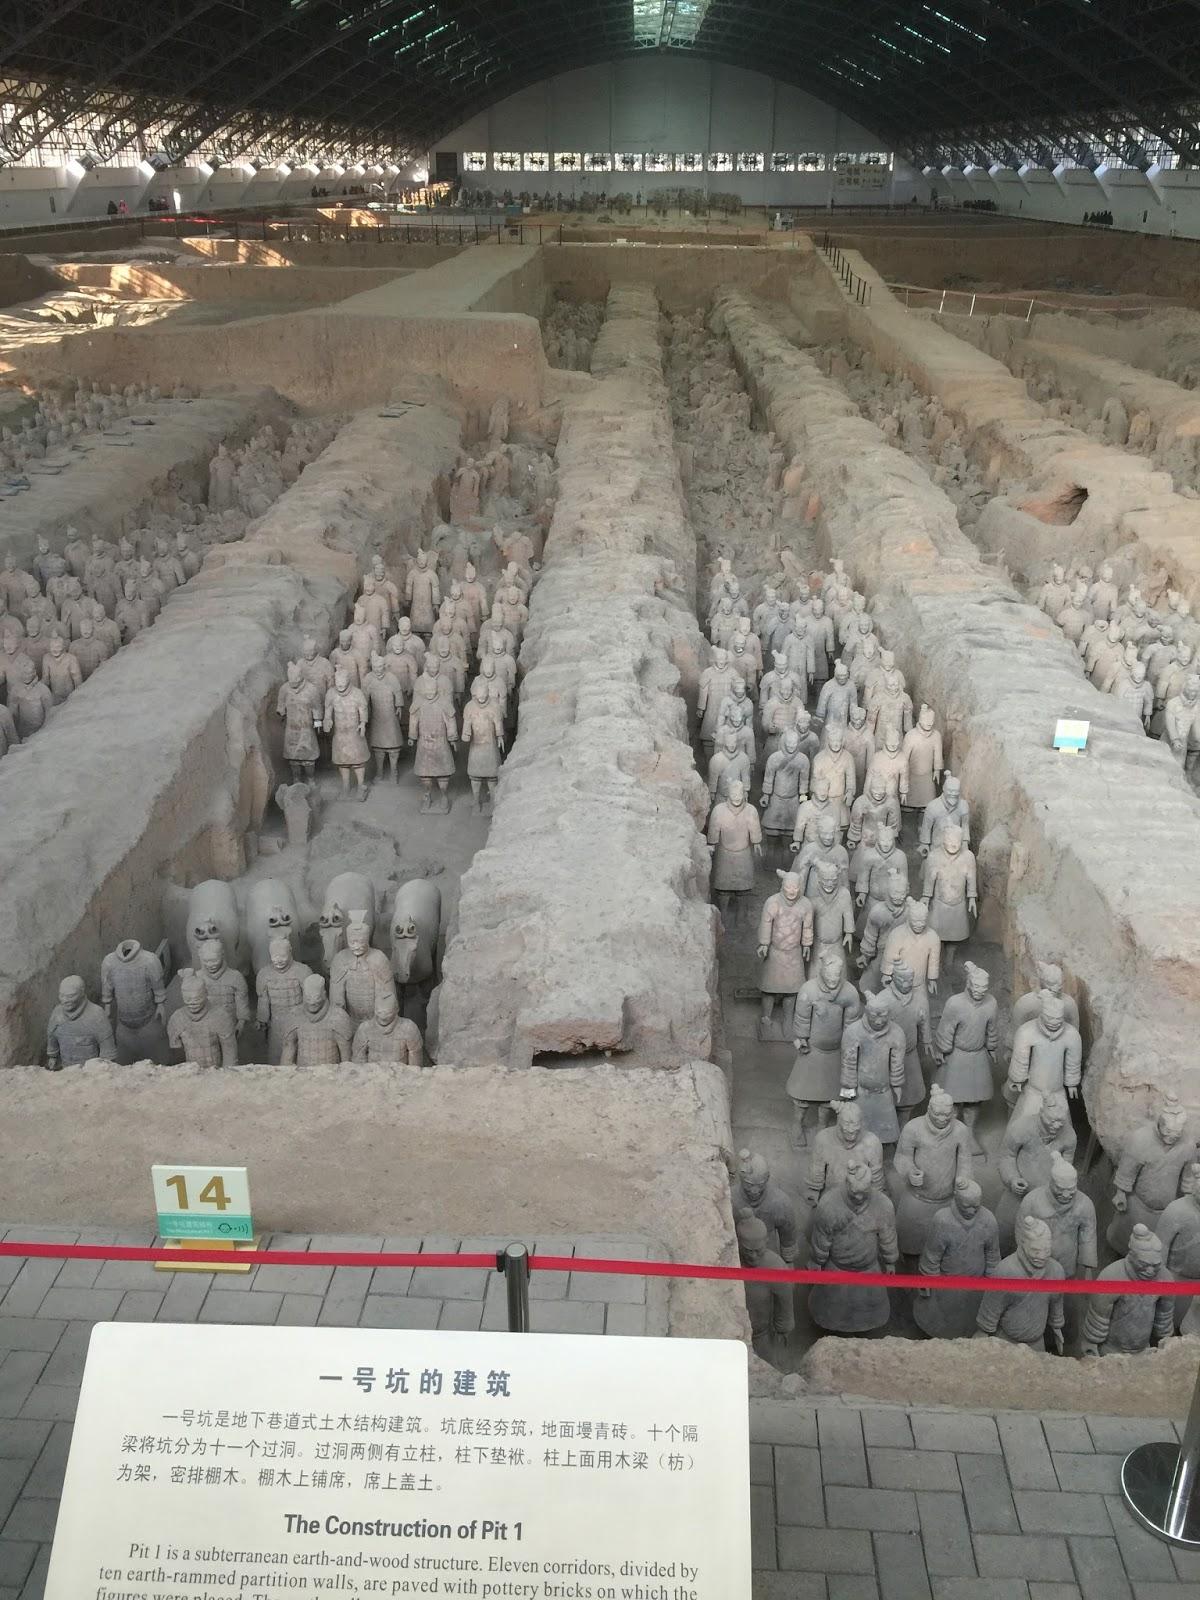 , China: Days 9 & 10